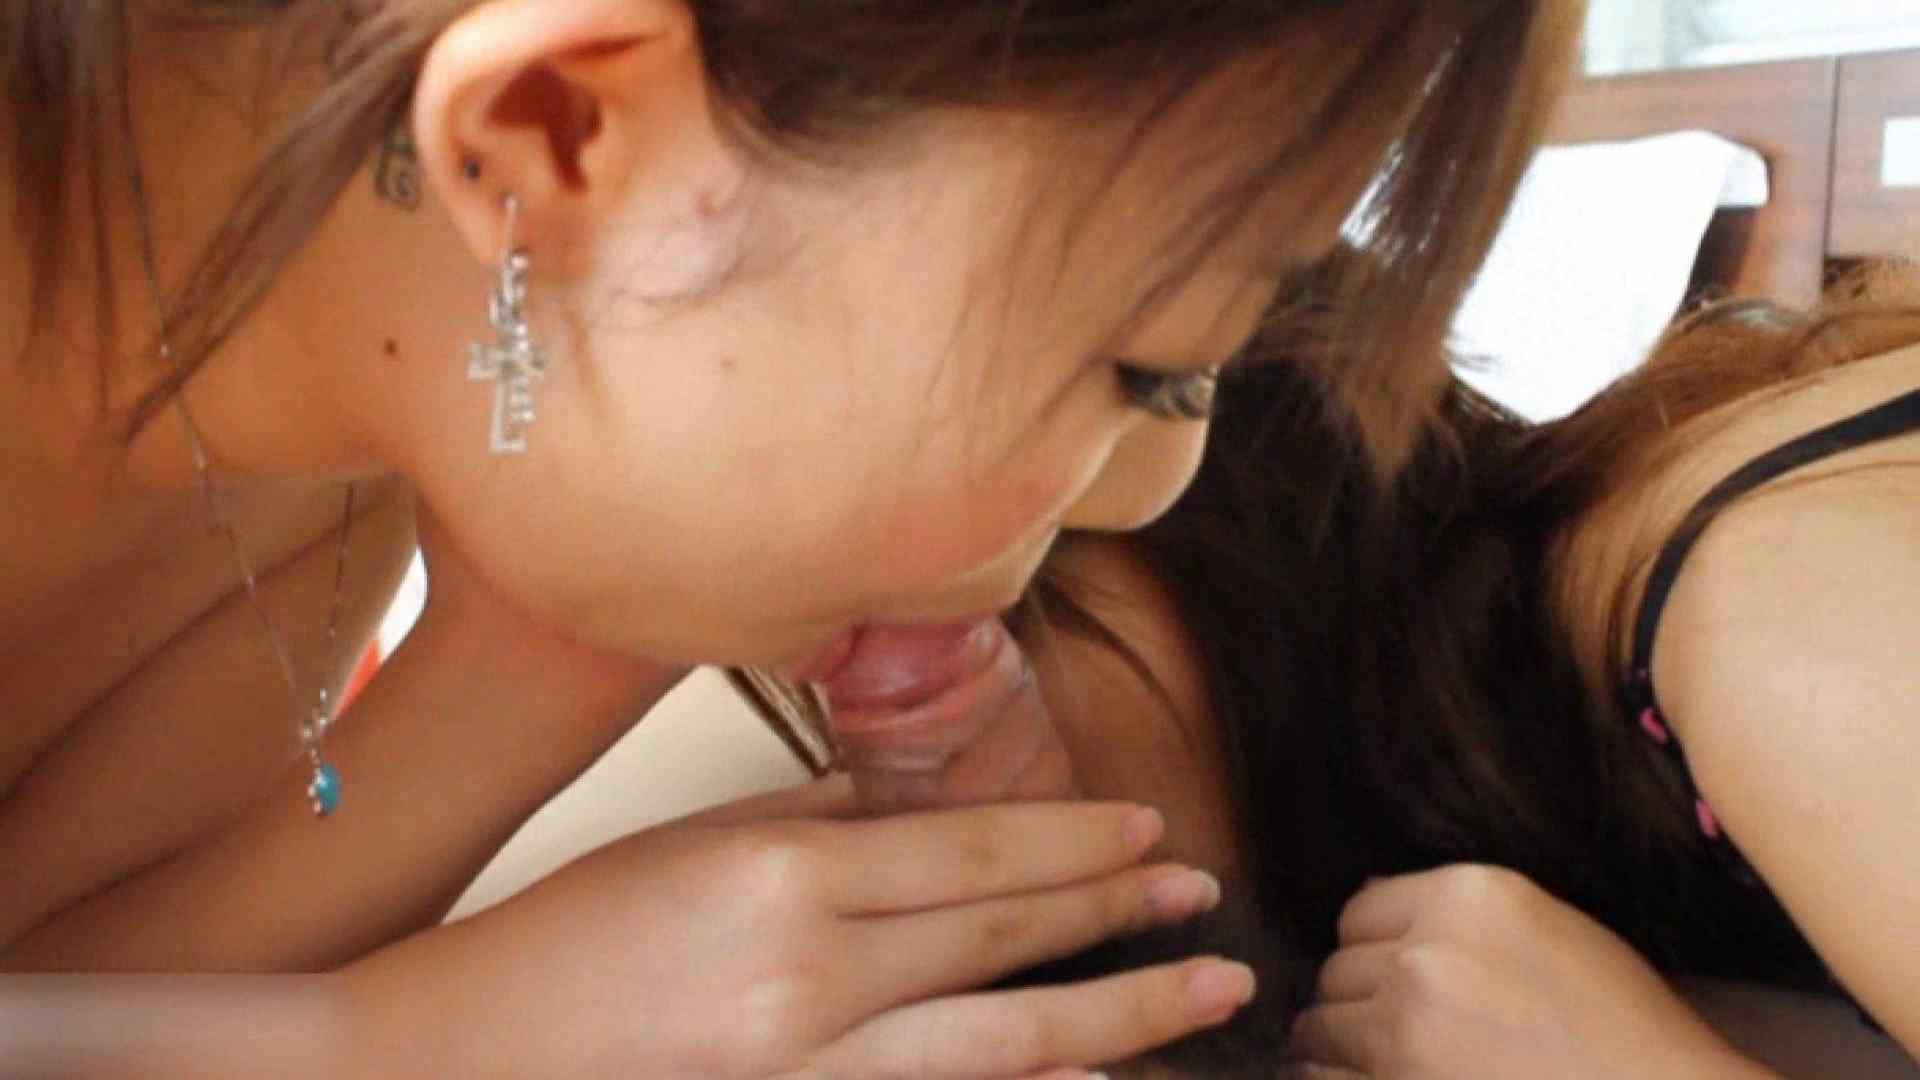 淫乱人妻 狂った宴 Vol.05 エッチな人妻 オメコ無修正動画無料 100pic 34